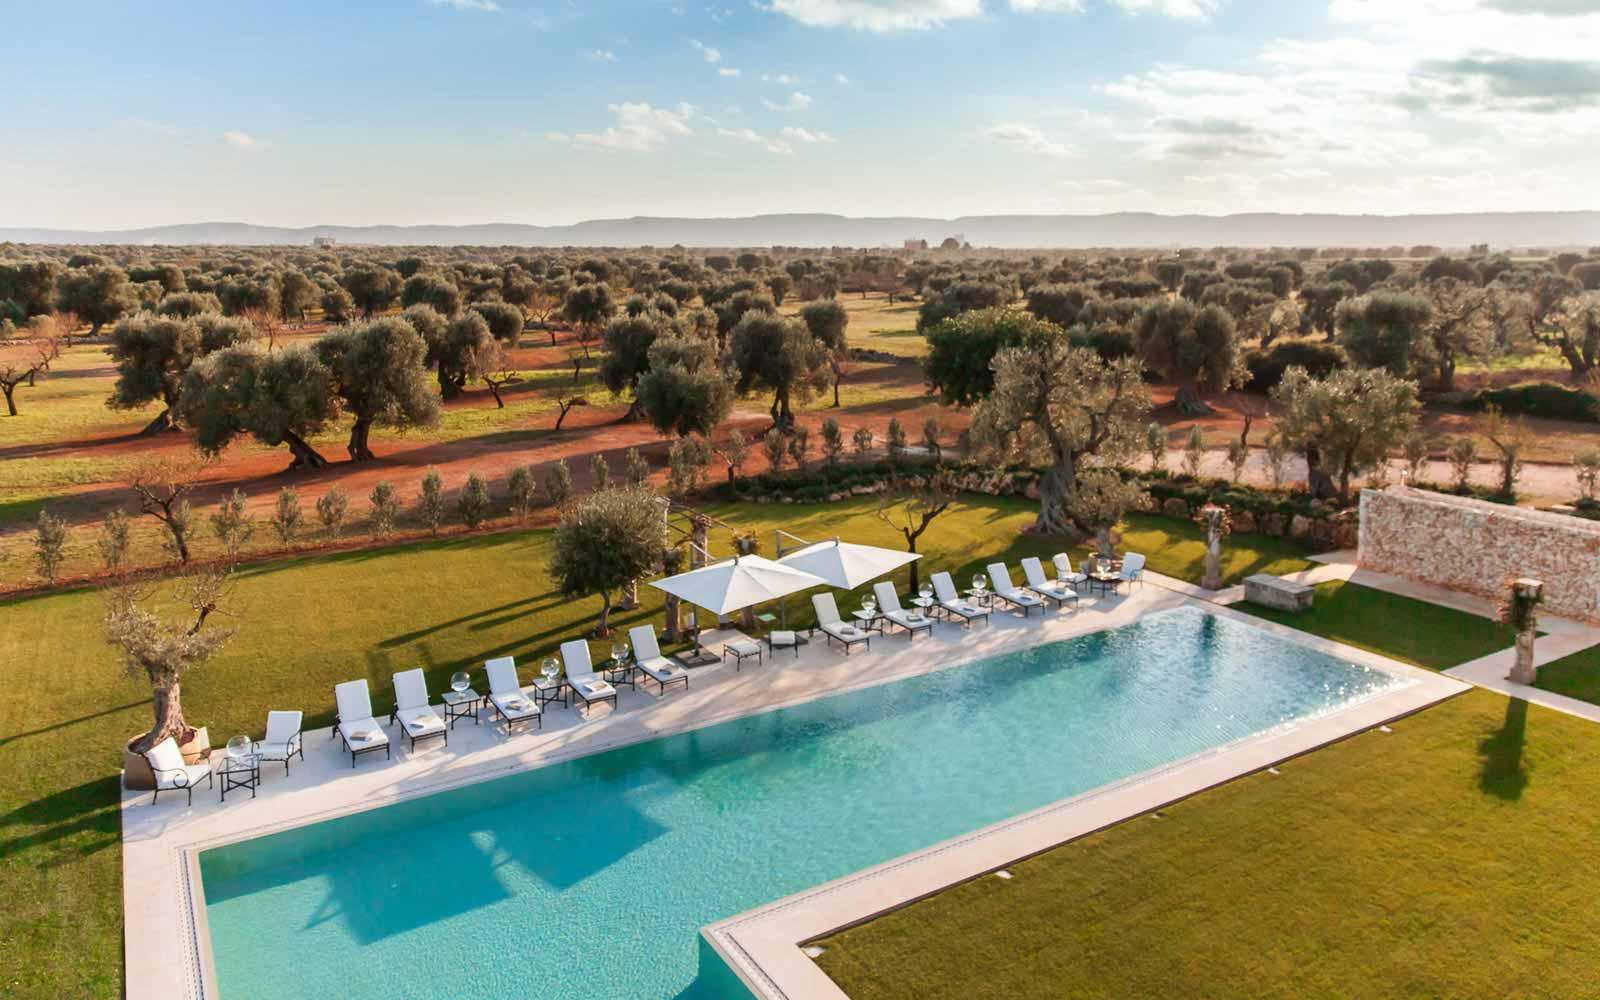 Aerial pool view at La Residenza of Masseria Pettolecchia